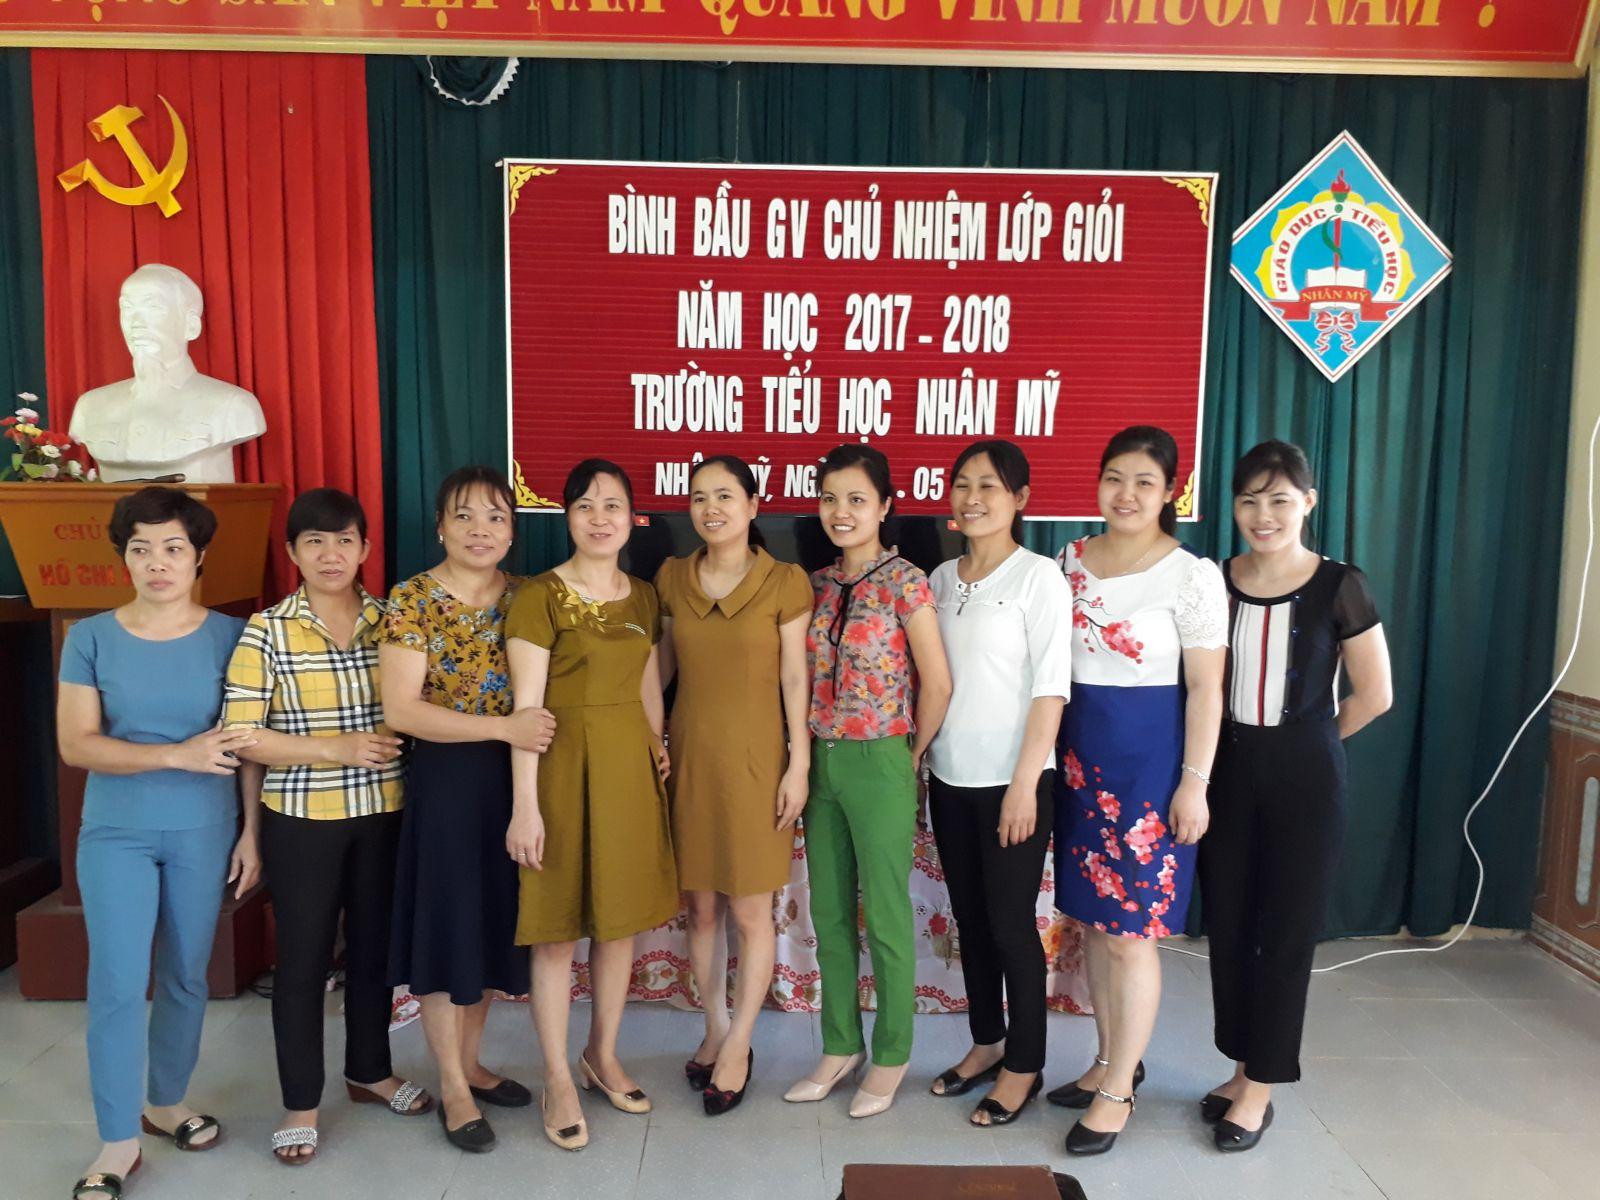 Description: E:NAM HOC 2017-2018THI GIAO VIEN CHU NHIEM GIOI20180519_100006.jpg